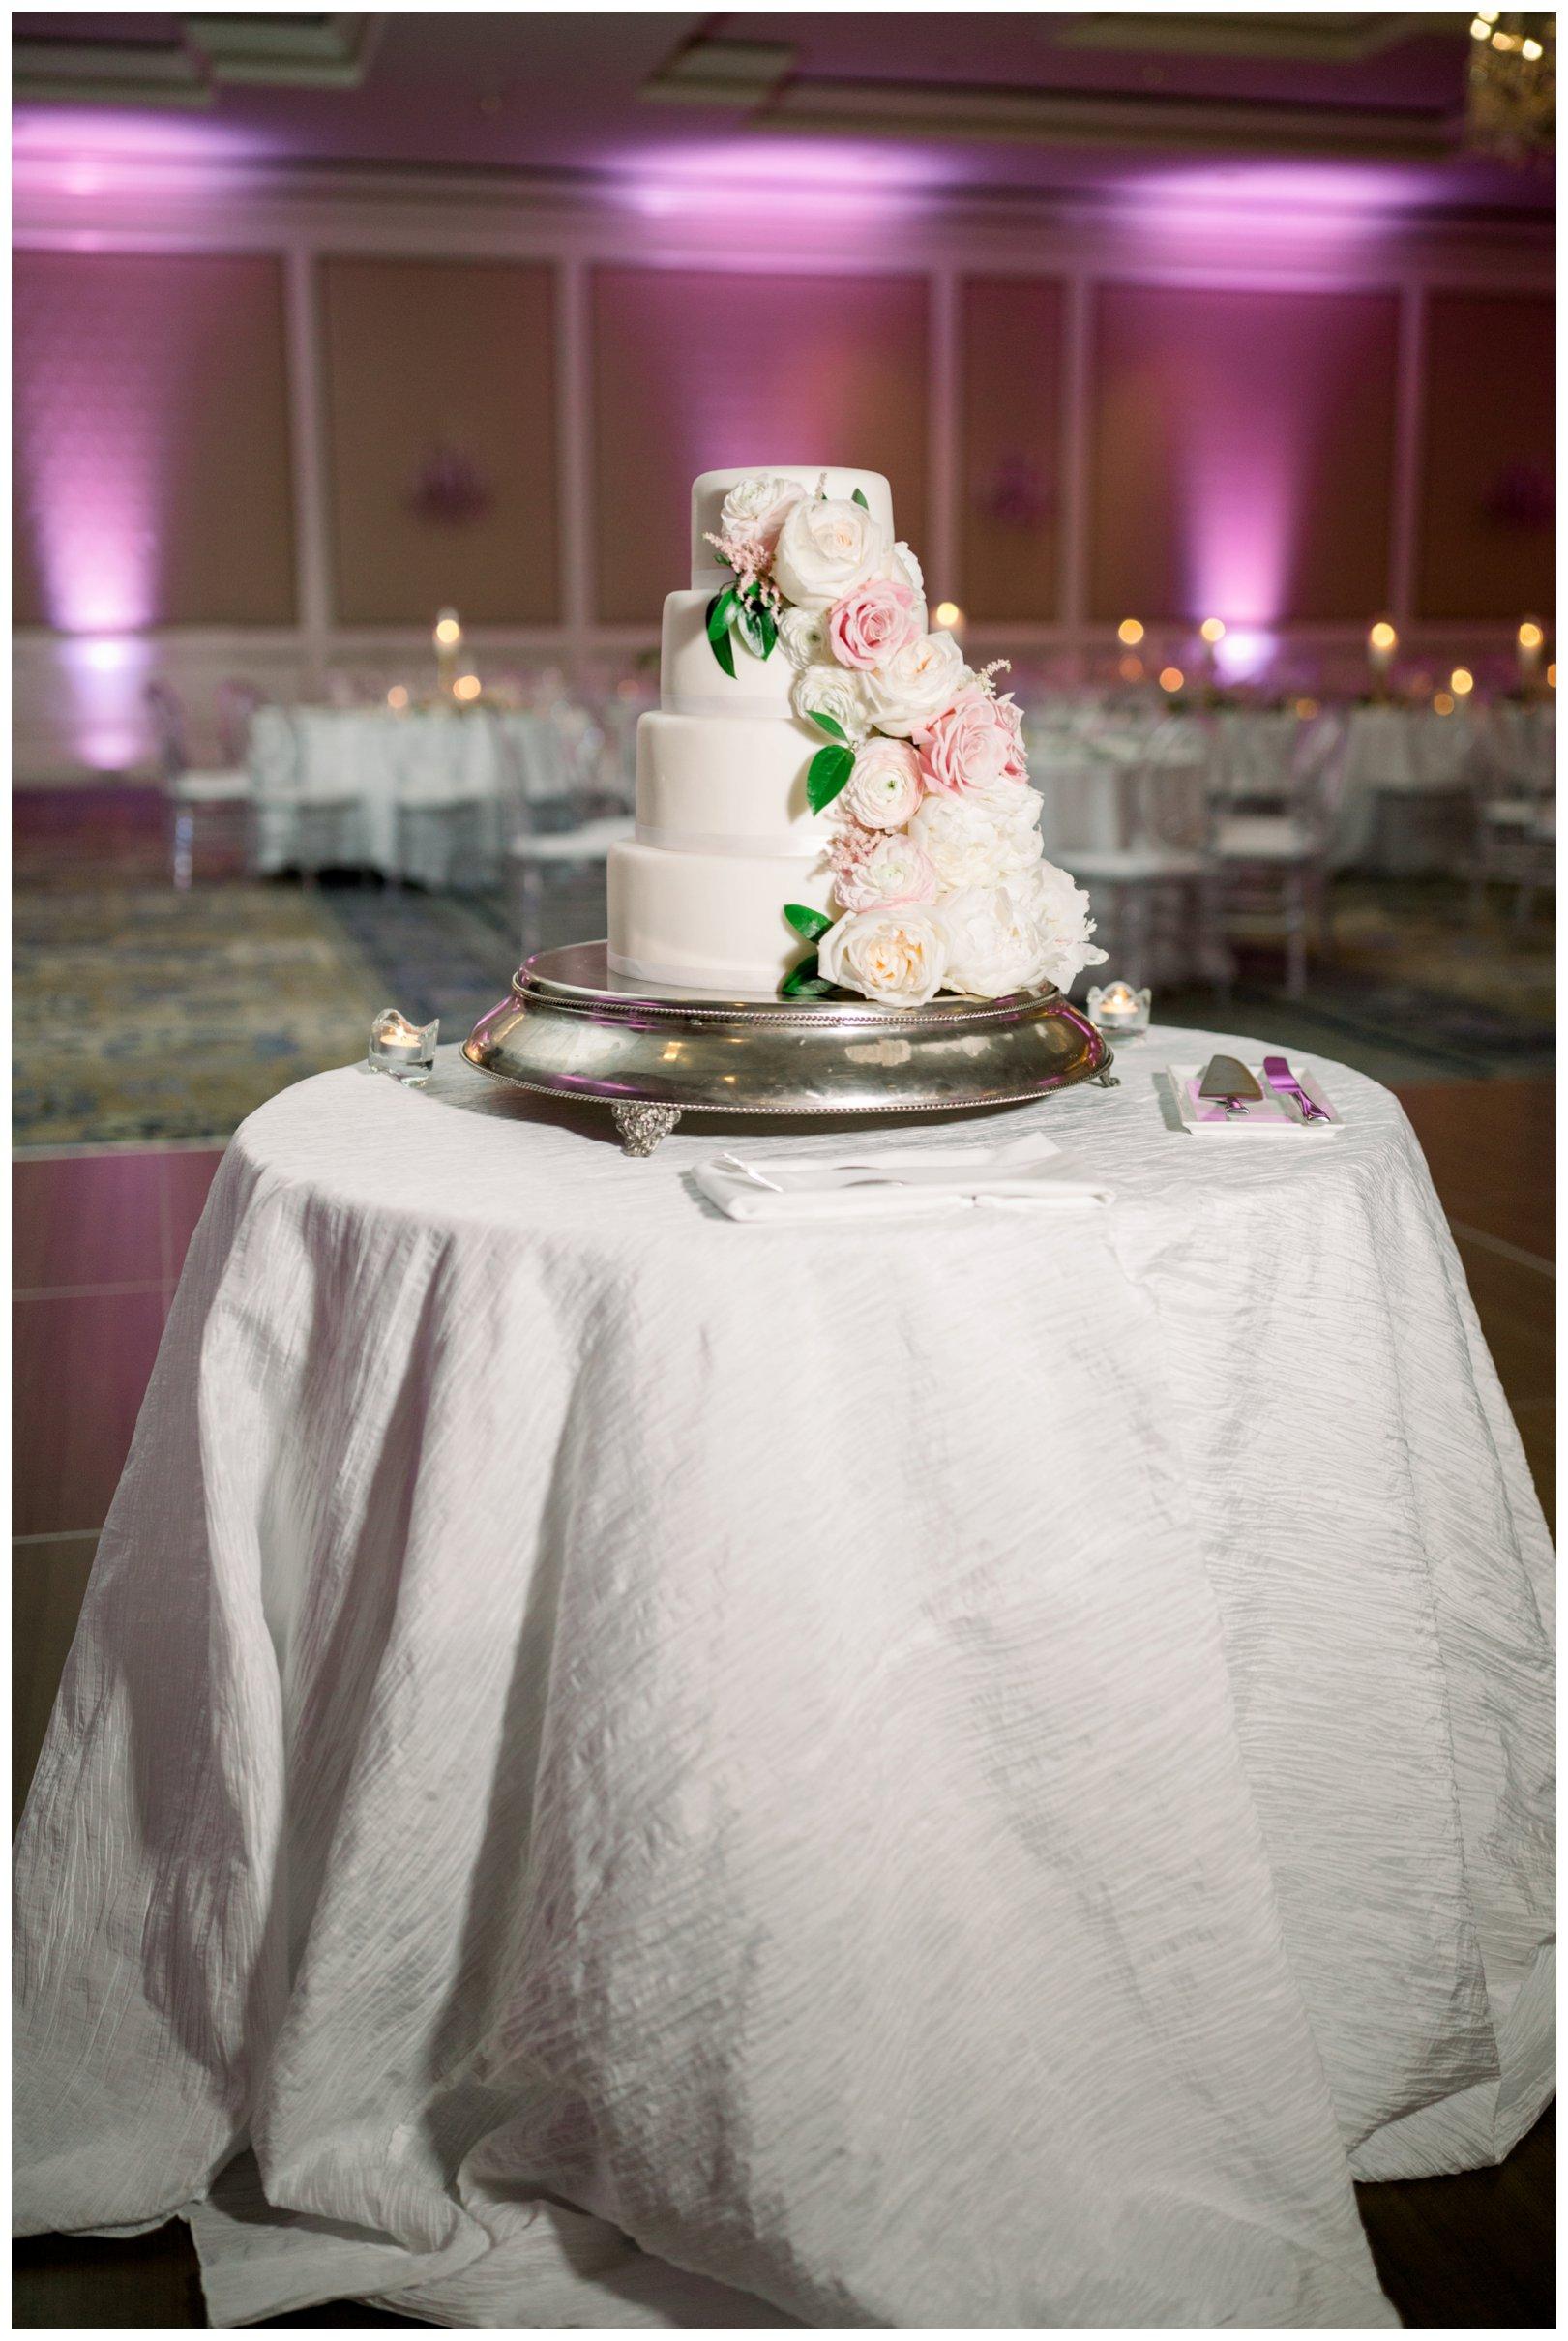 lauren muckler photography_fine art film wedding photography_st louis_photography_3540.jpg